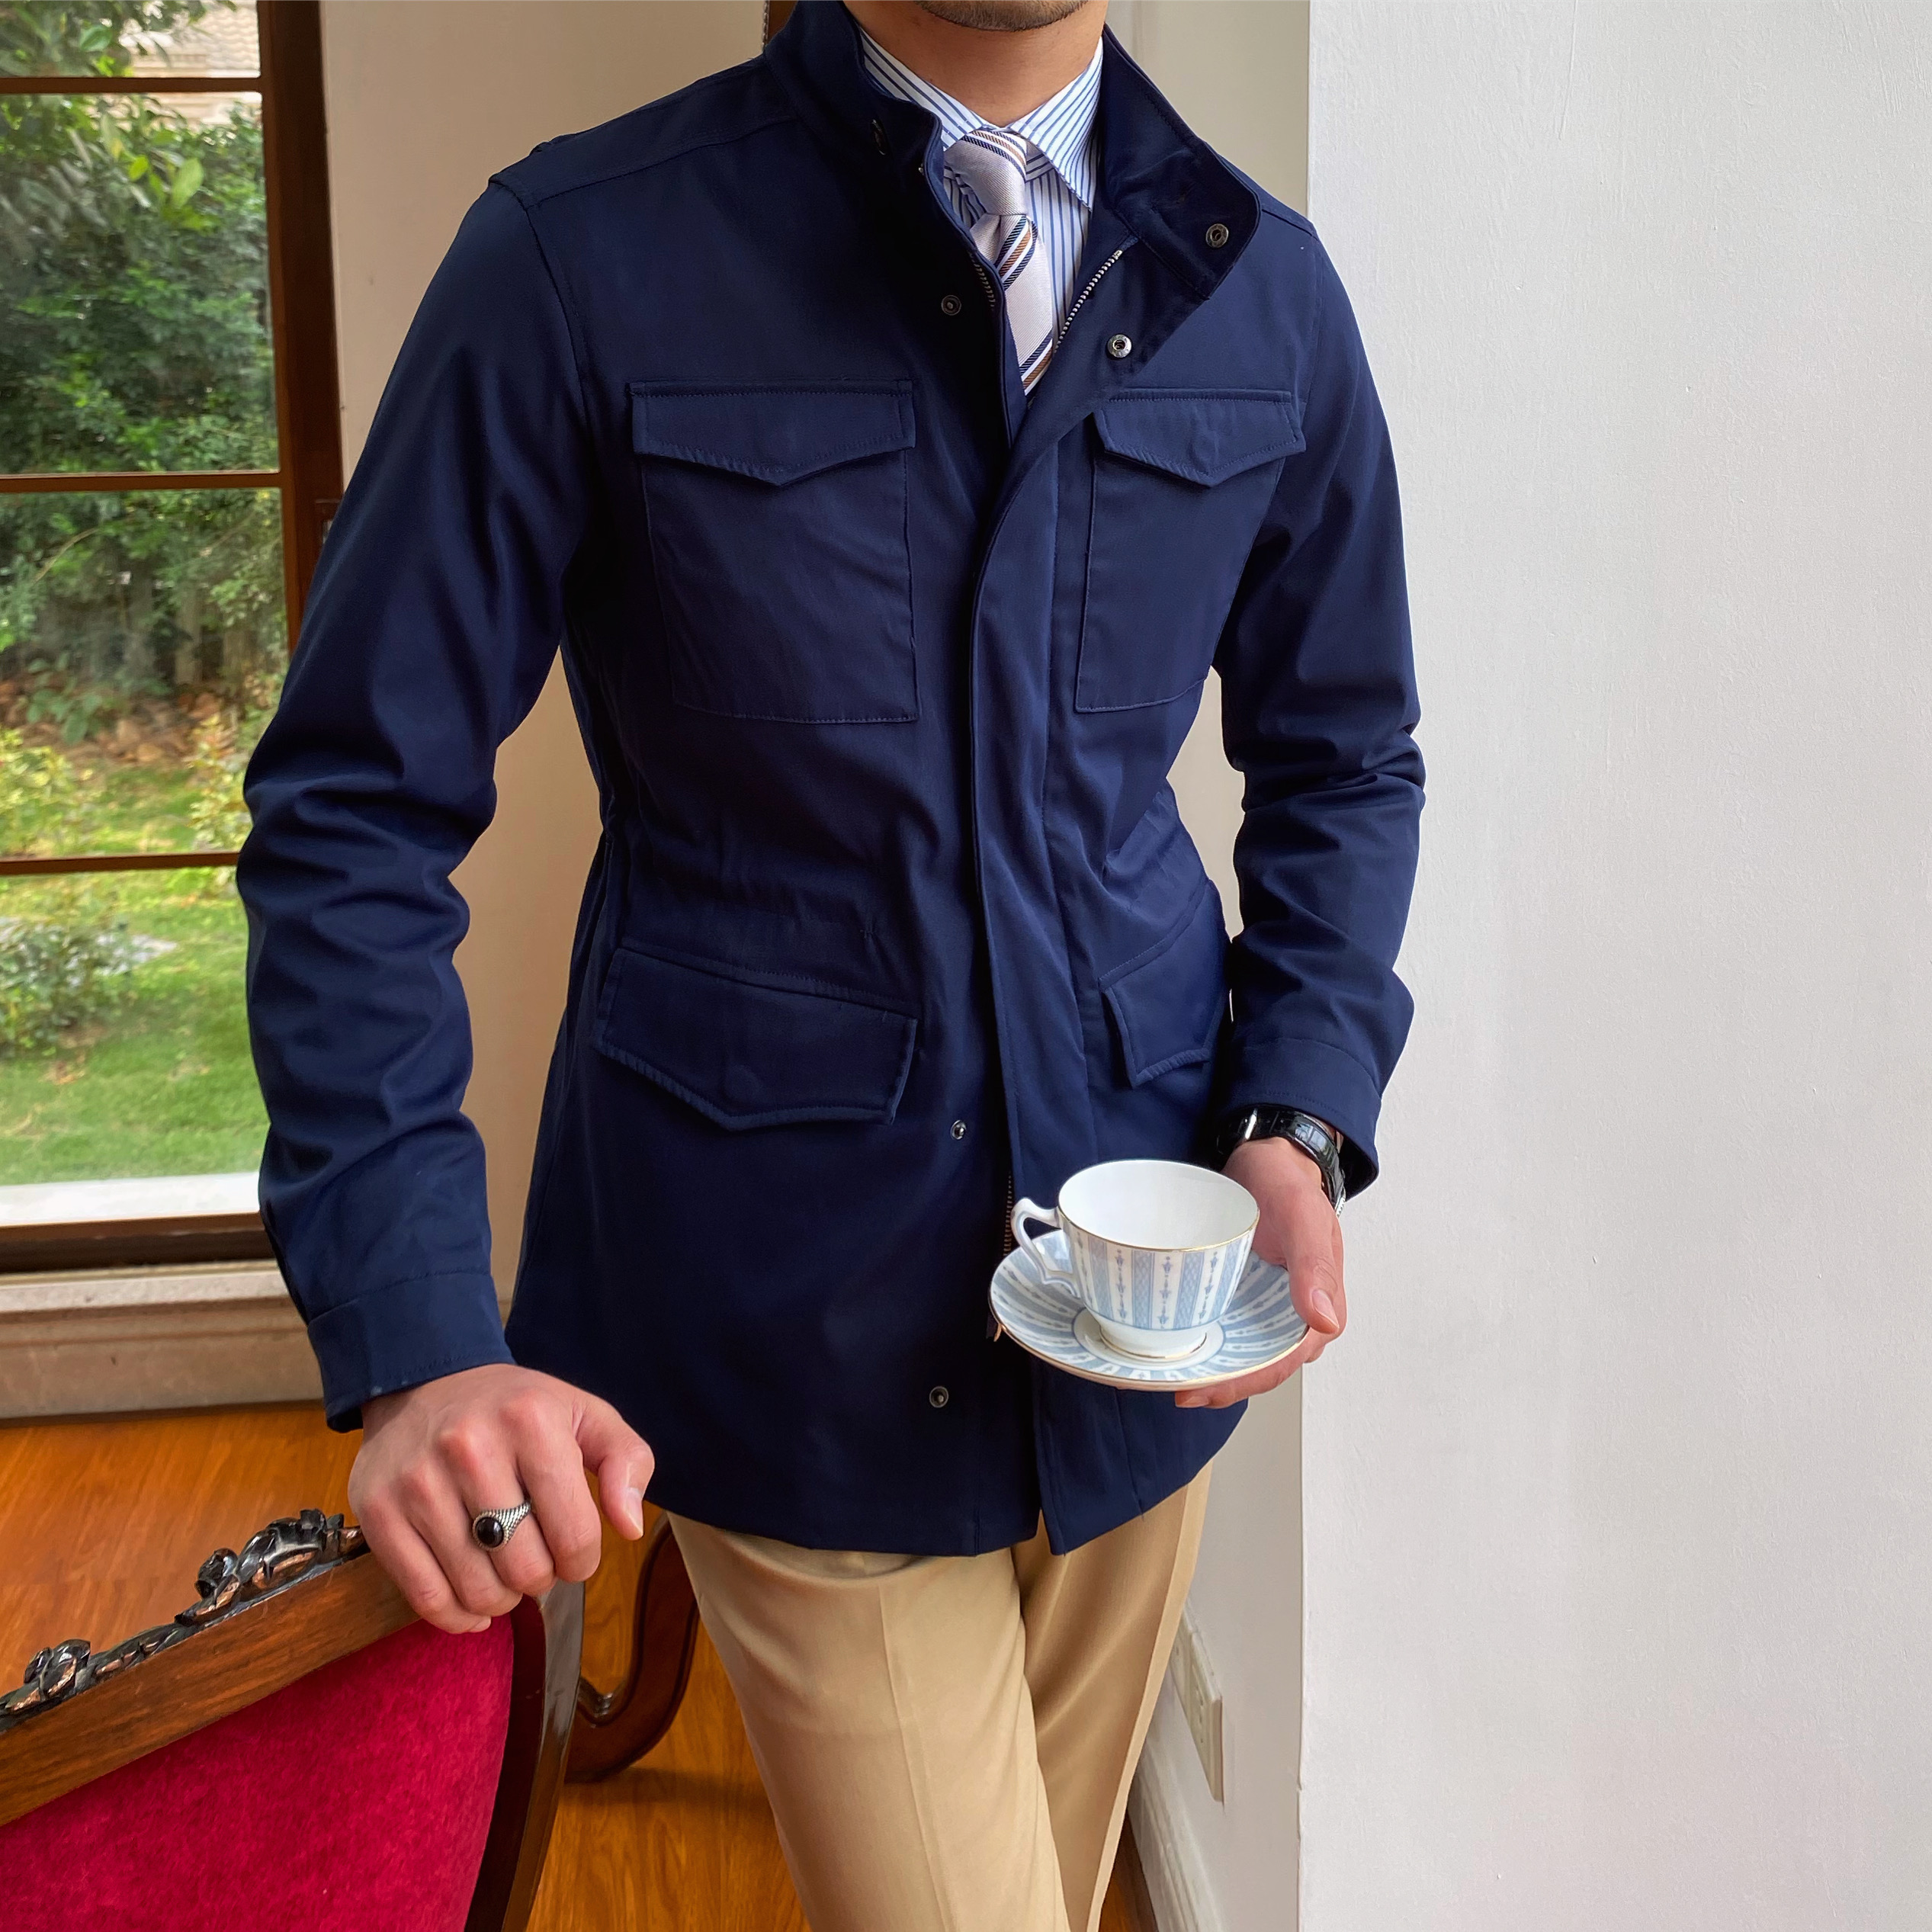 鹿三先生英伦m65男士立领猎装夹克纯色休闲商务春季复古外套潮男